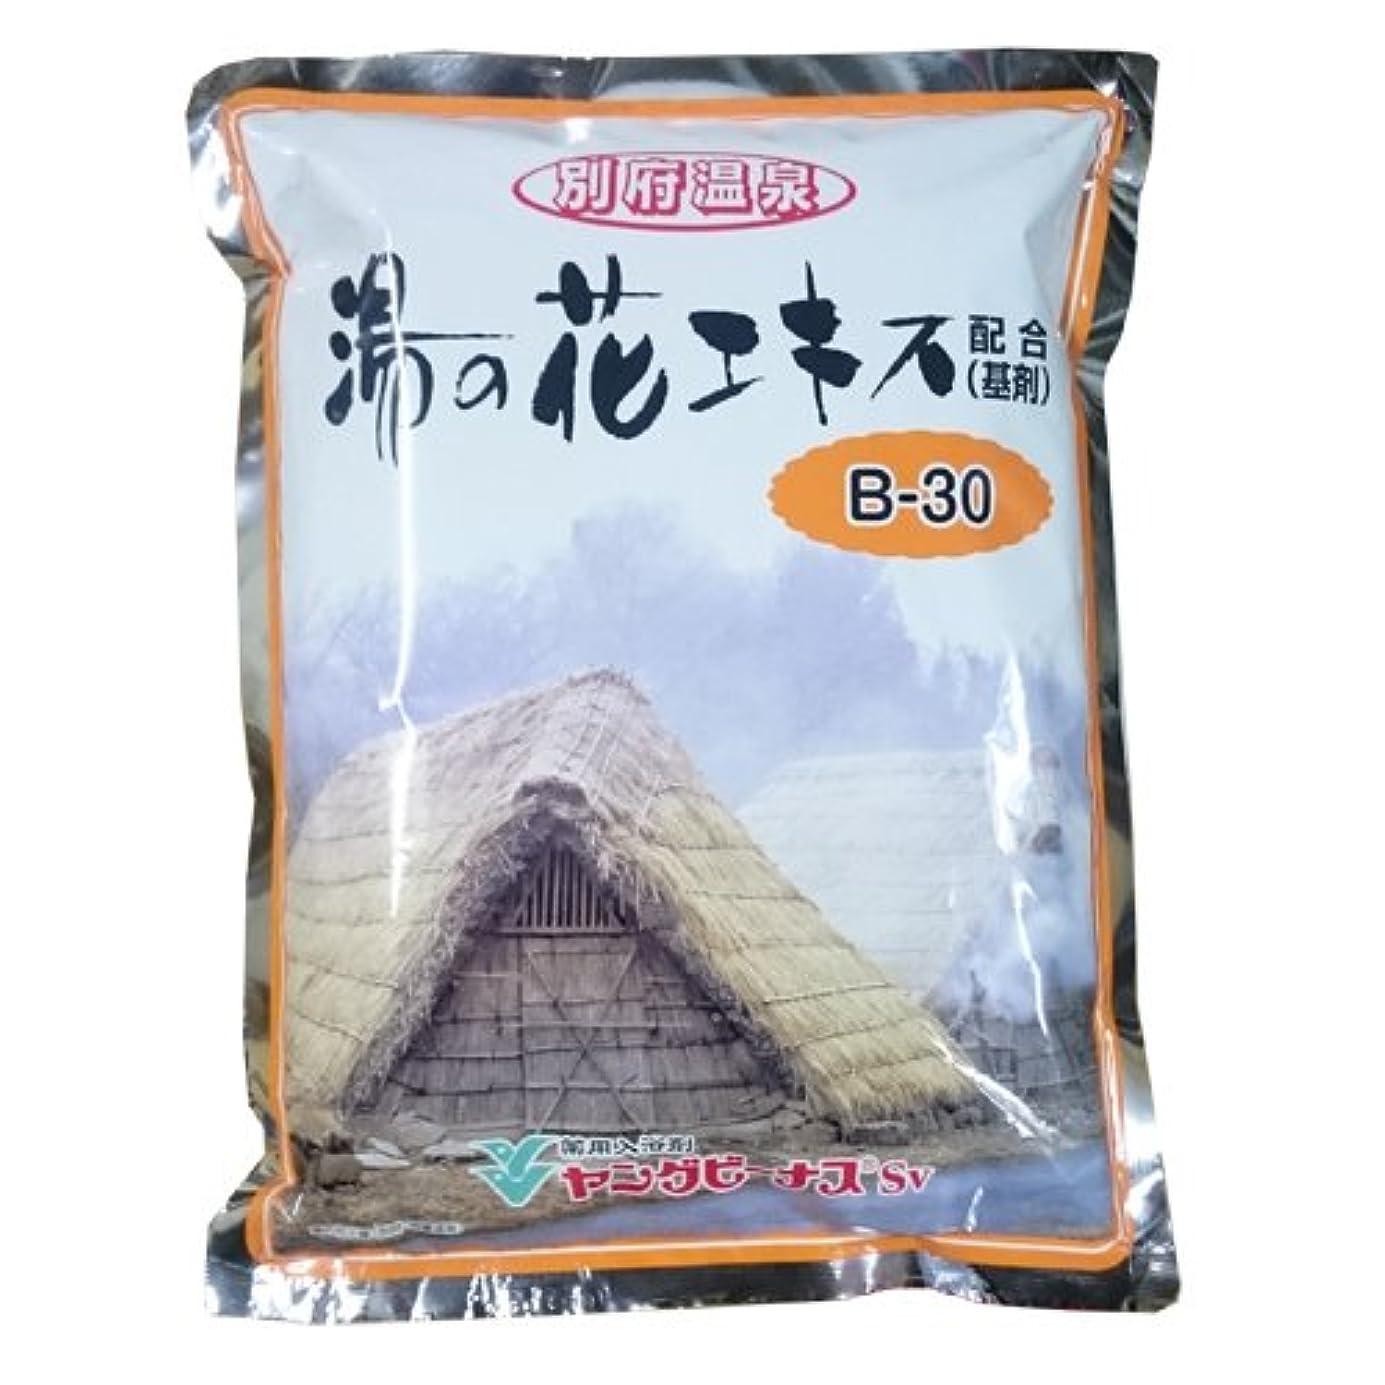 文字最近習慣【6個】 薬用入浴剤 ヤングビーナス(詰替用)2.7kg×6個 (4963183501329)